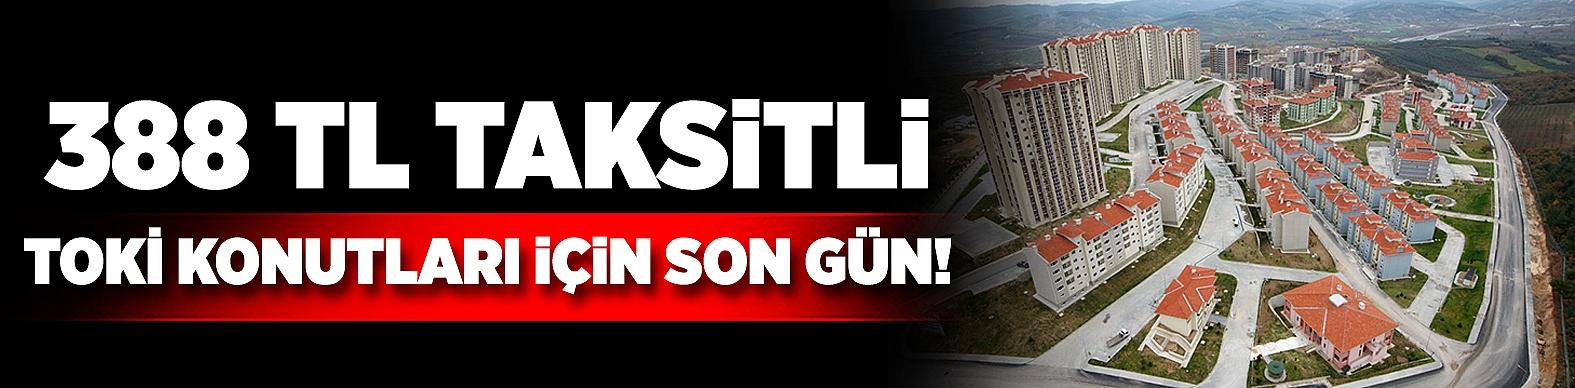 388 TL taksitli TOKİ konutları için son gün!